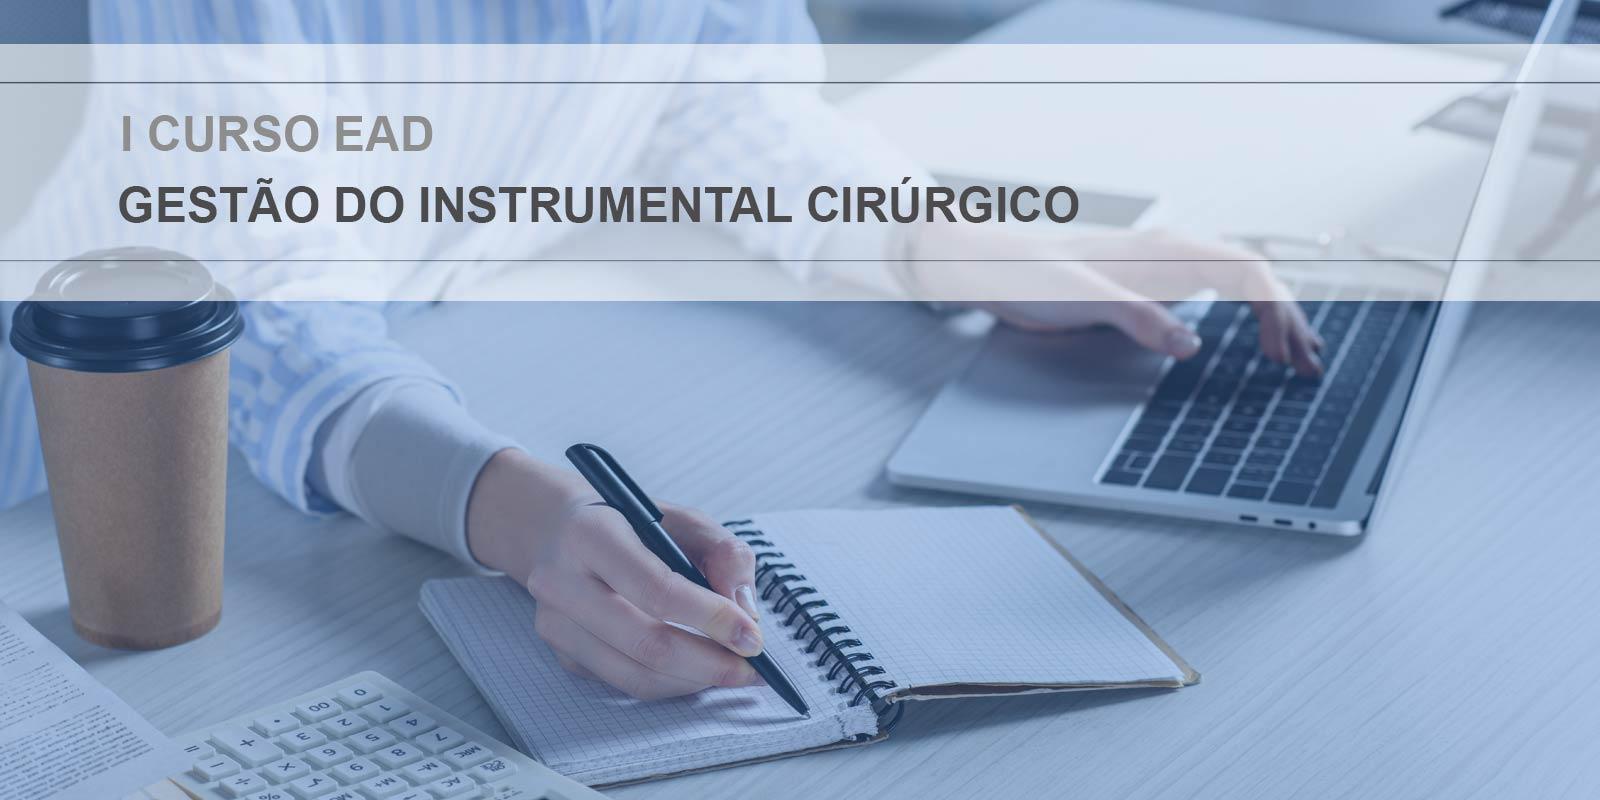 Gestão do Instrumental Cirúrgico